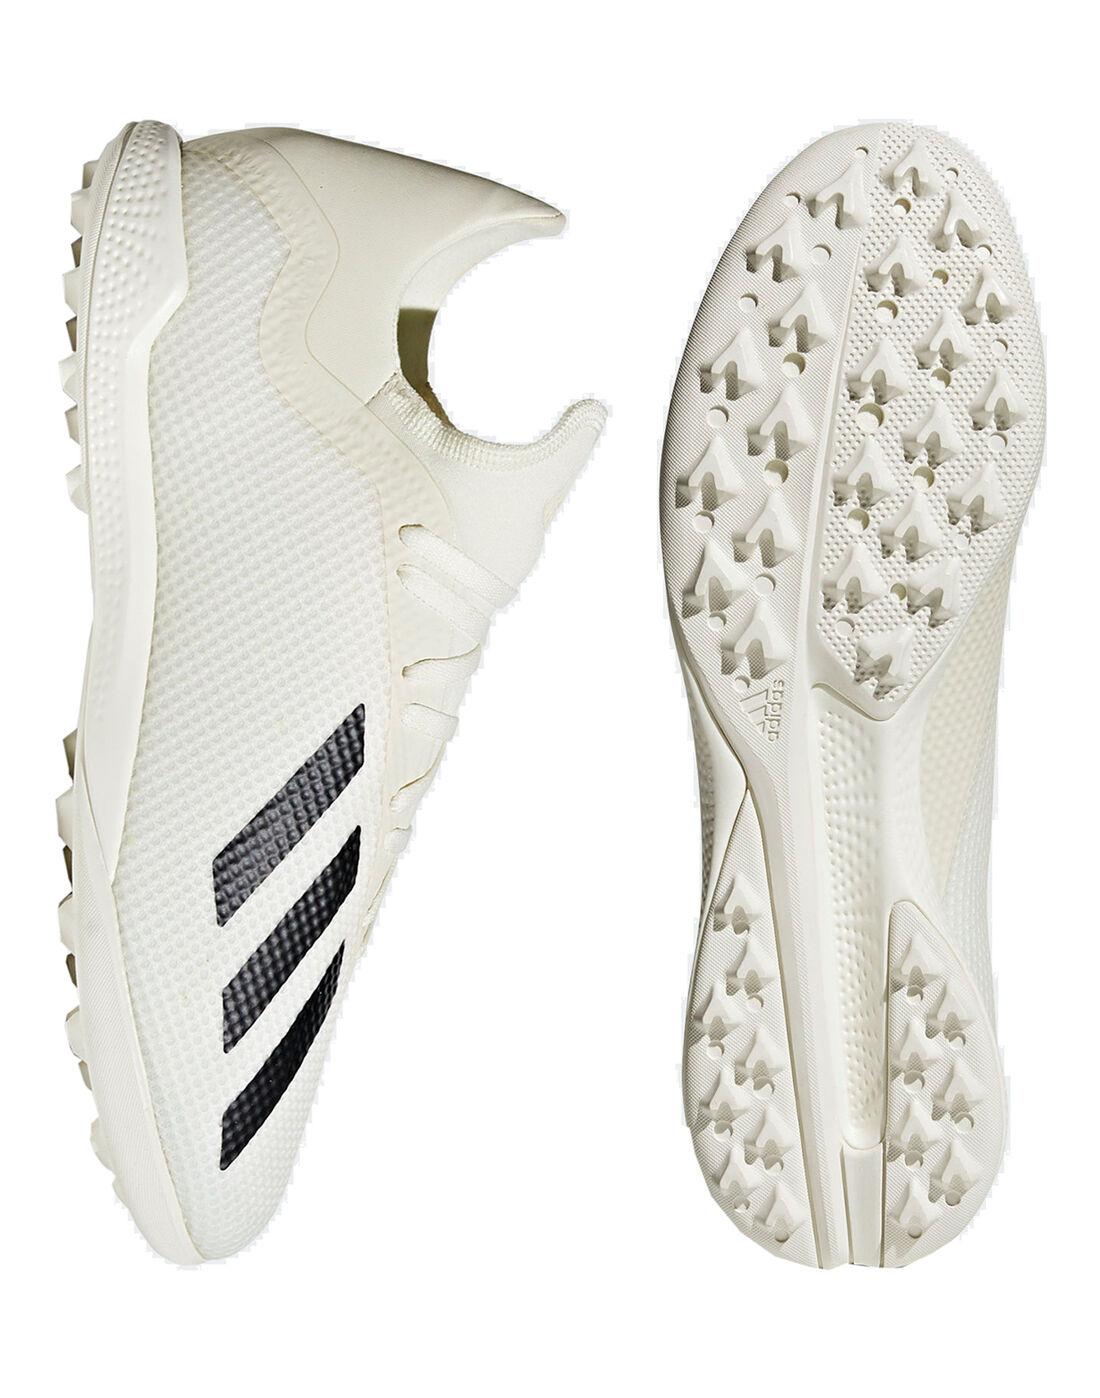 White adidas X 18.3 Astro Turf Shoes